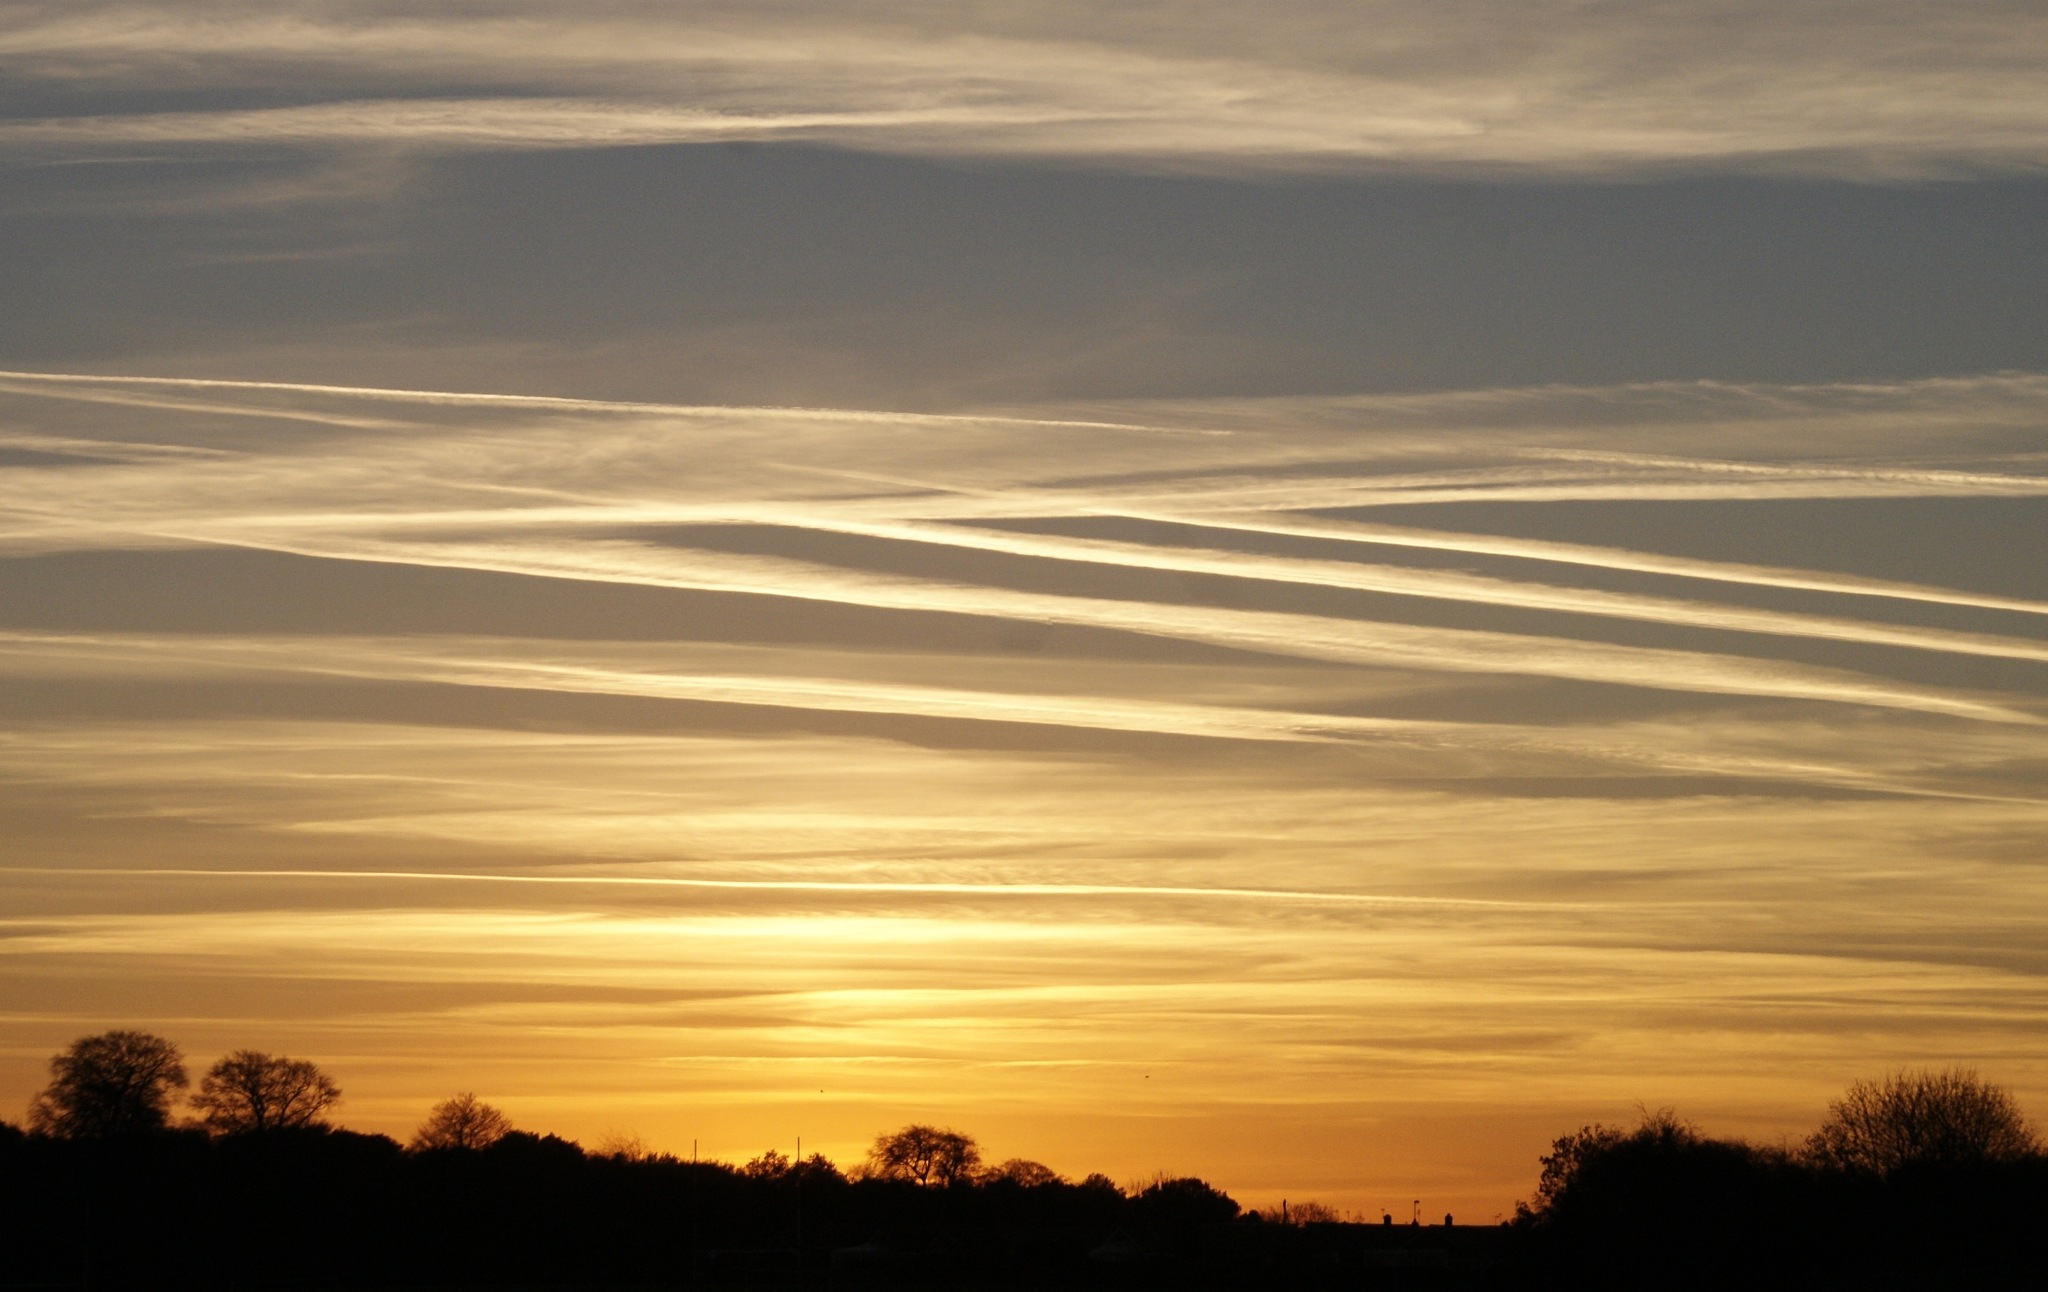 Sunset And Jet Trails by DenisJosephDalby